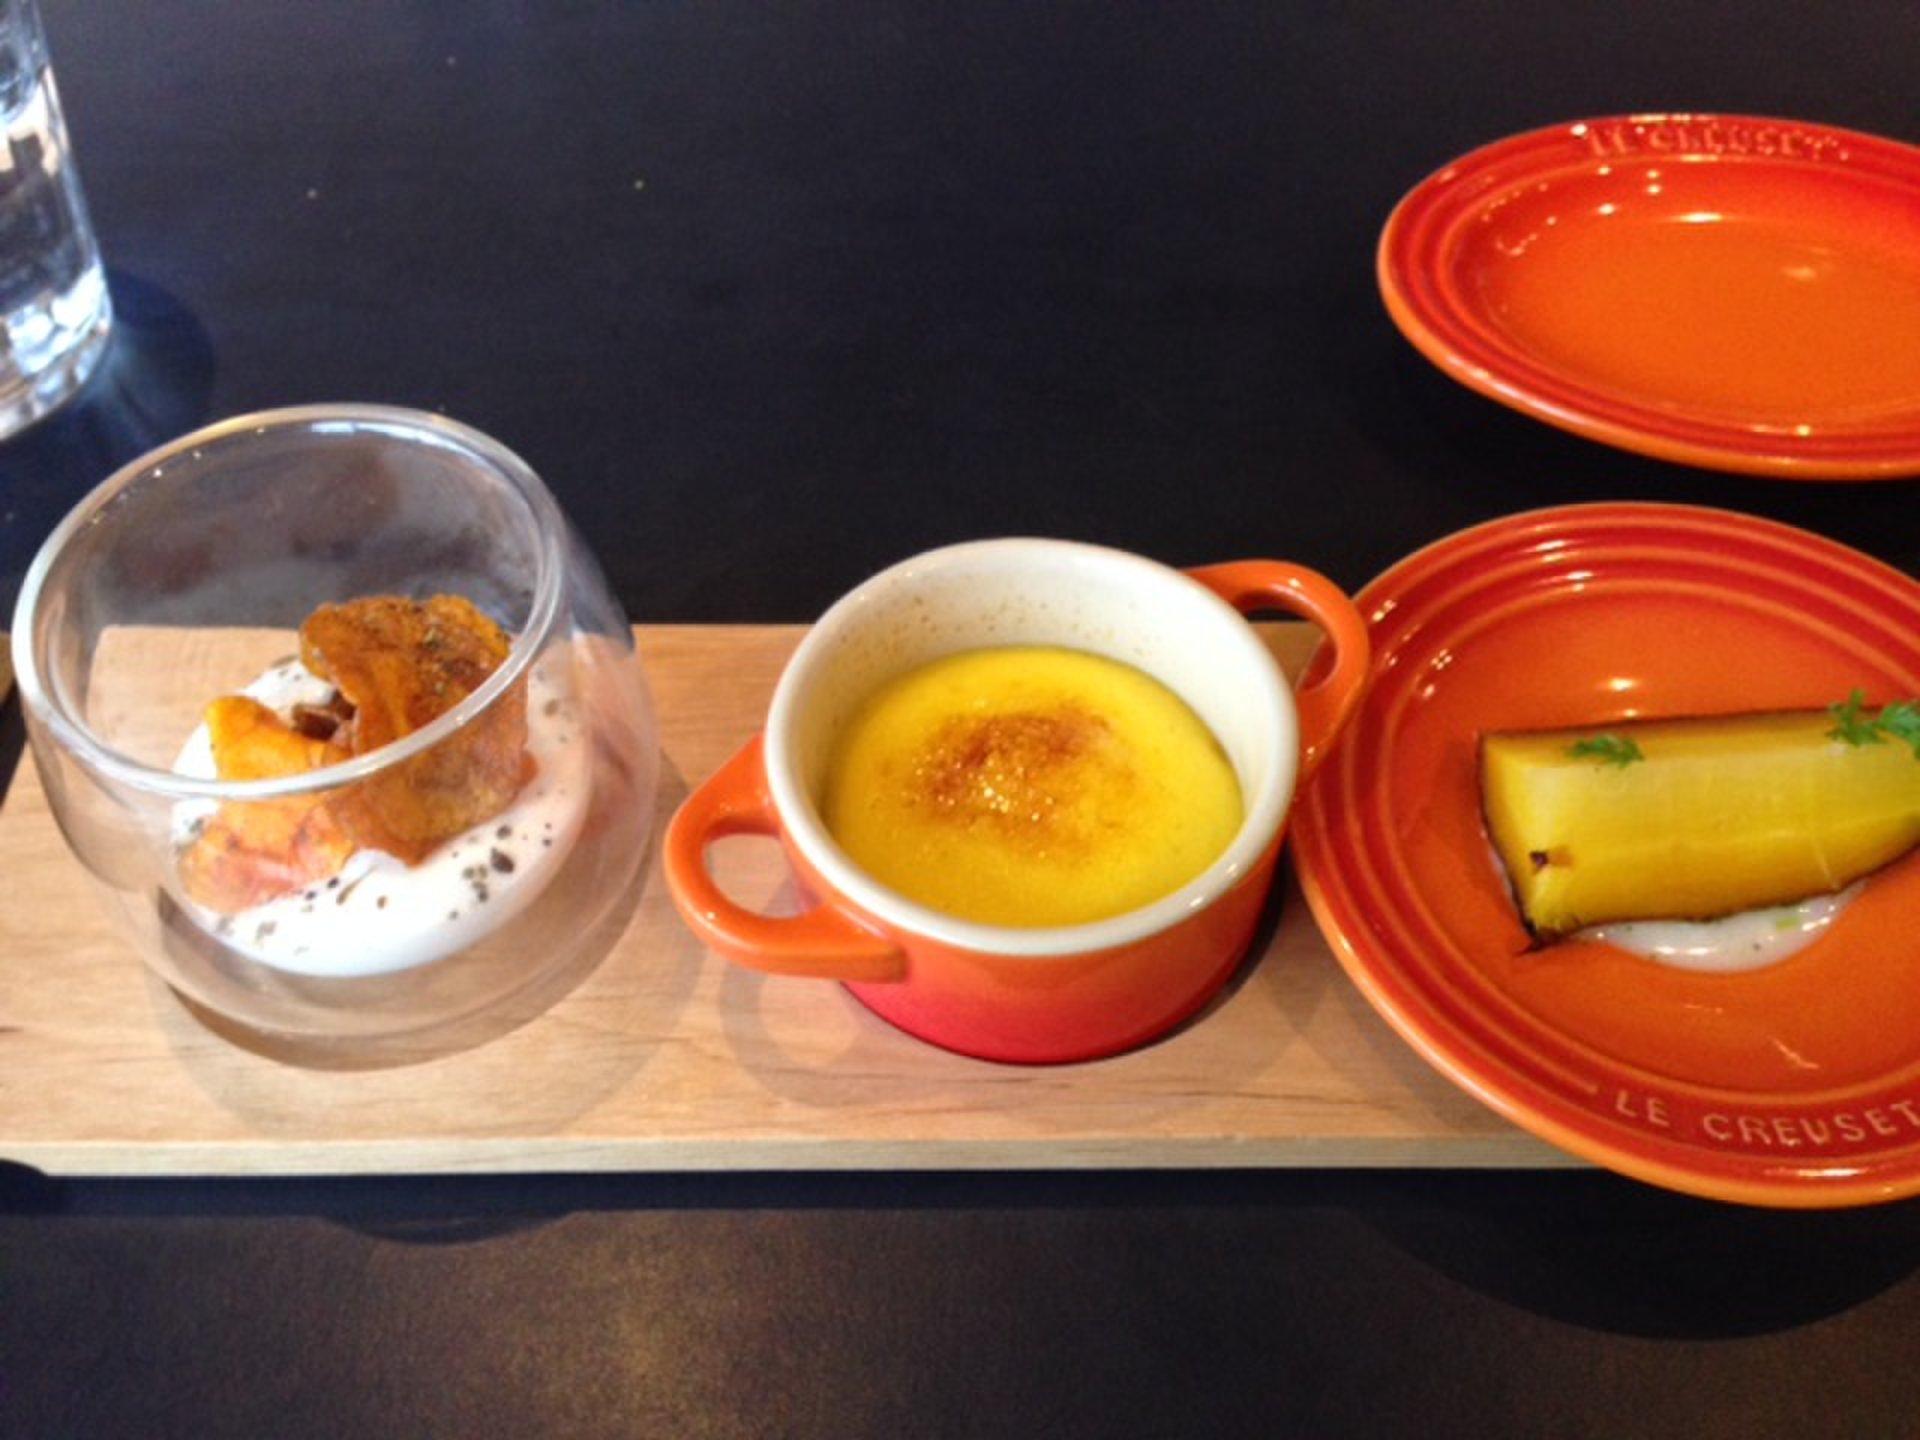 札幌 人気パン店コロン×ル・クルーゼがコラボのオシャレなレストランランチの後は、オーガニックカフェ♪